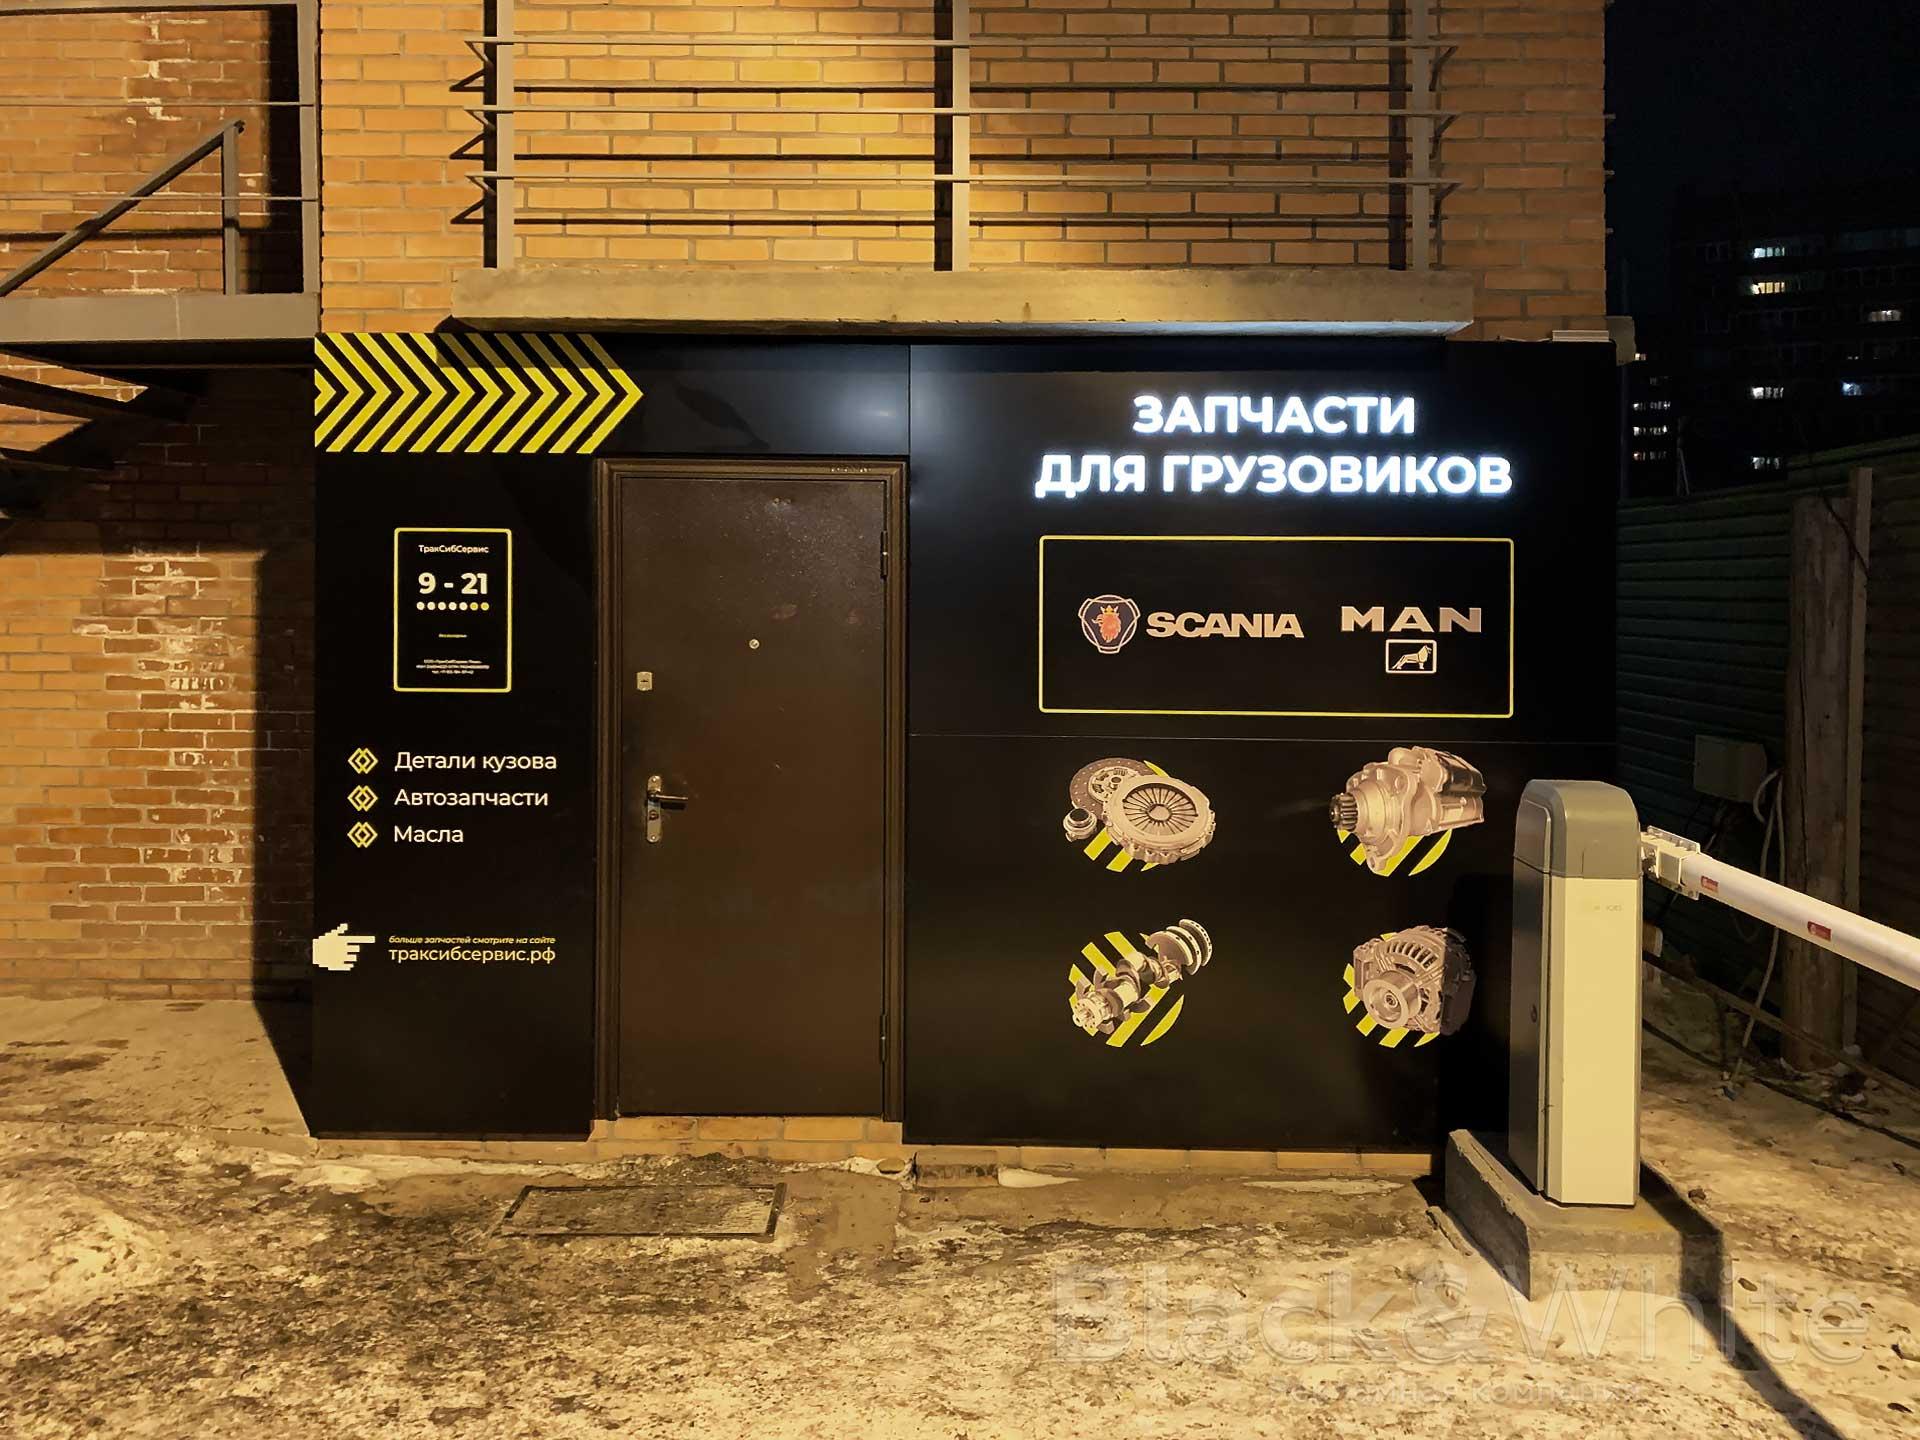 Фасадная-входная-группа-со-световыми-элементами-в-красноярске..jpg